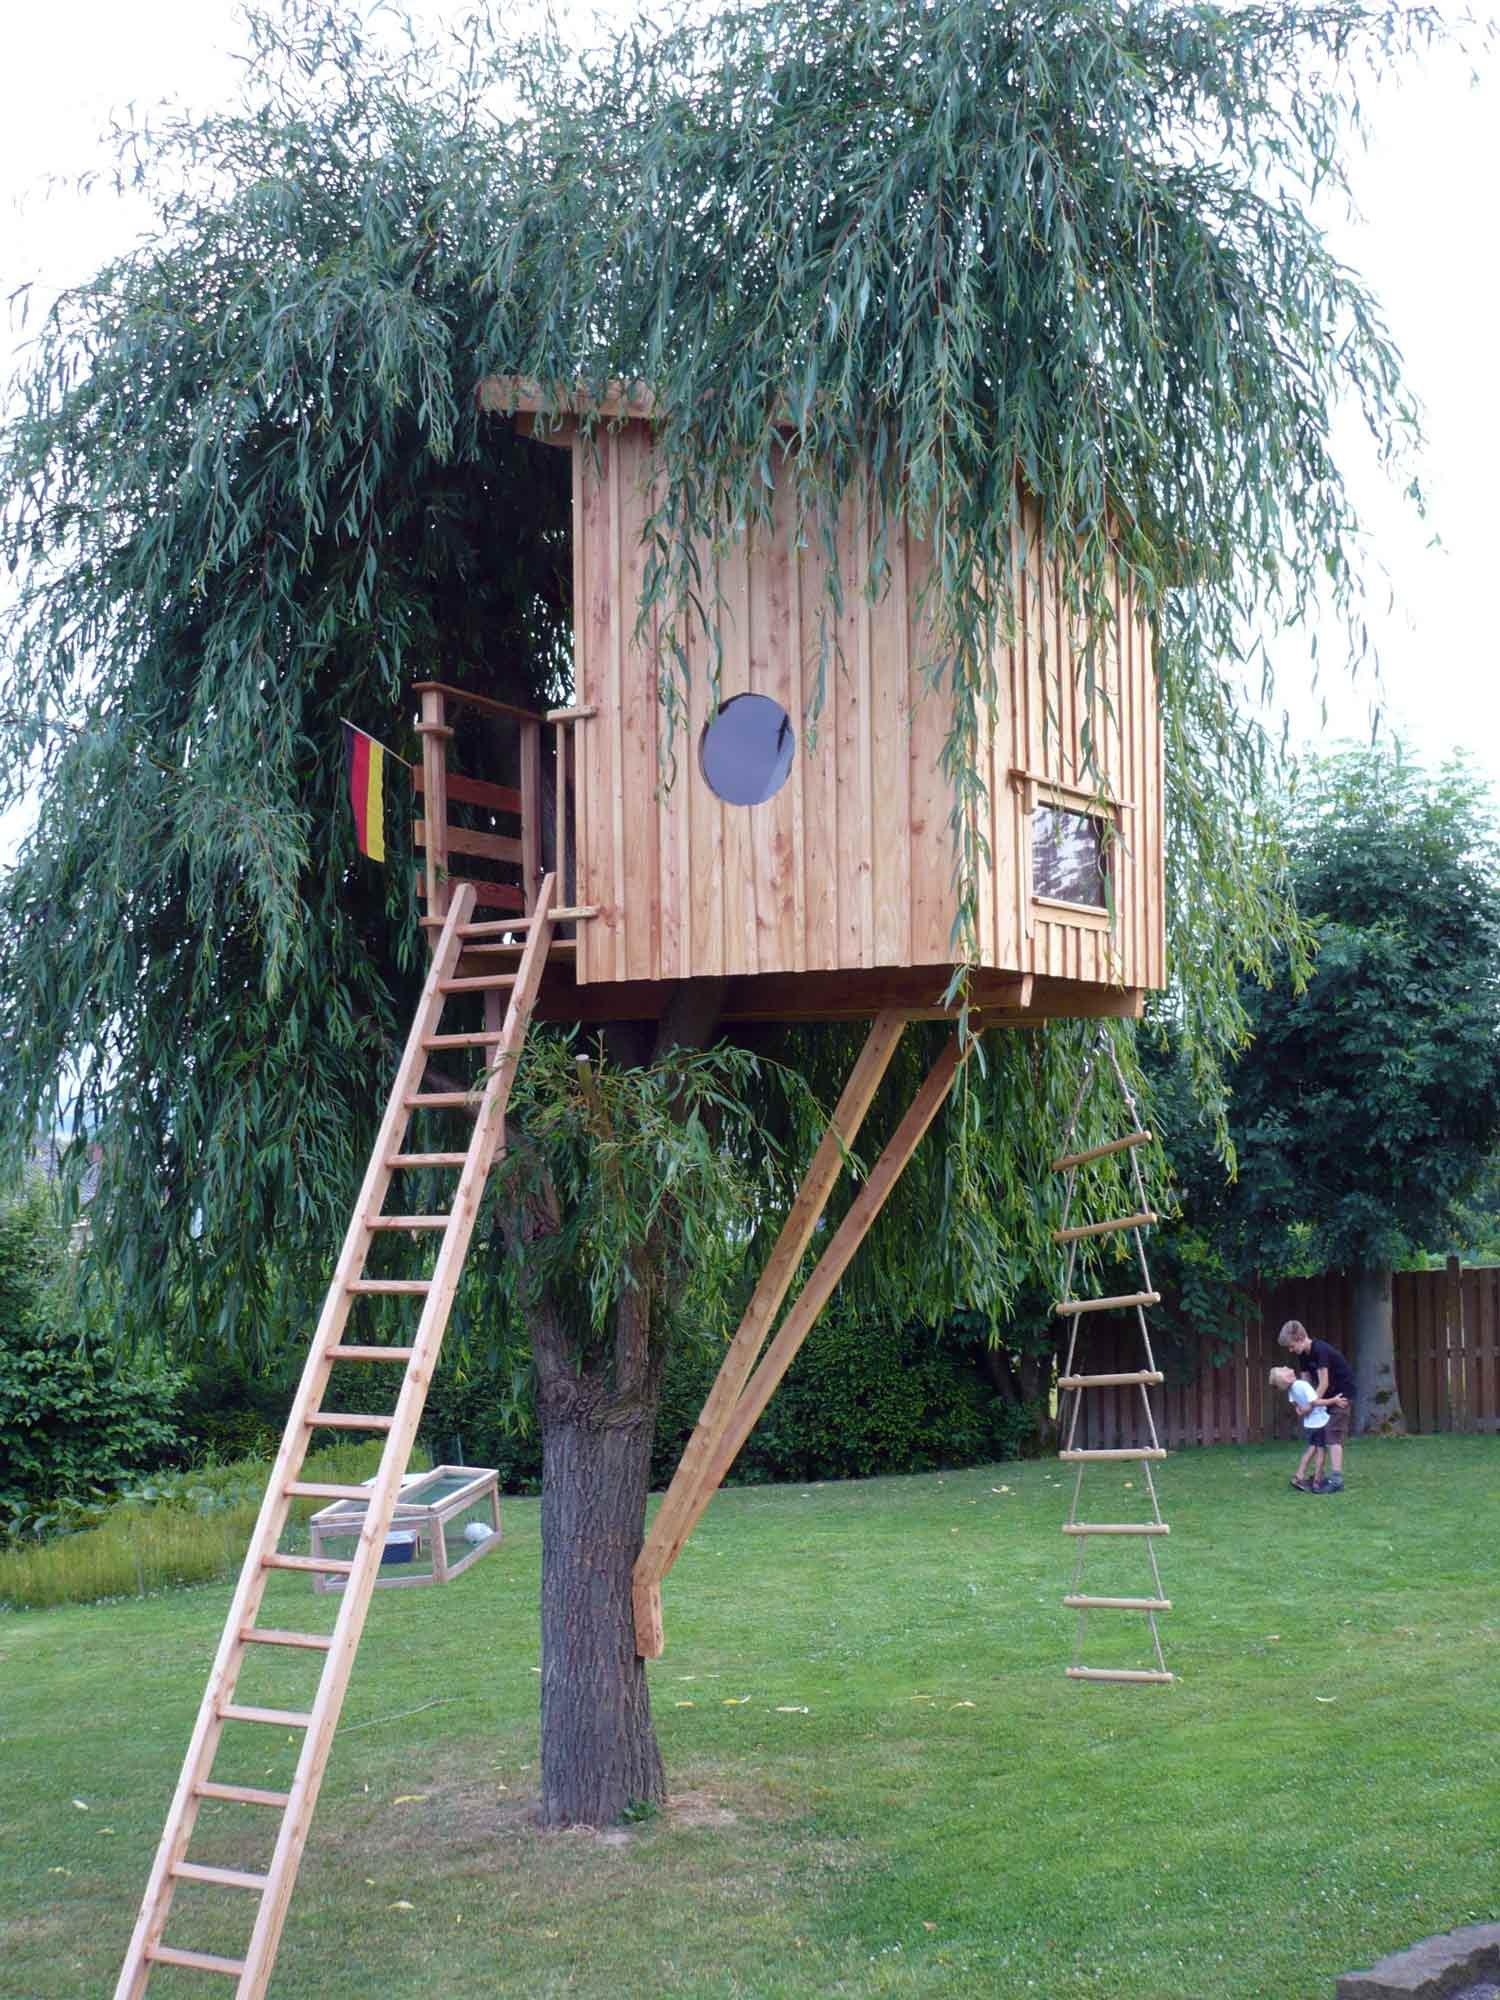 kleines-baumhaus-für-kinder-zum-spielen